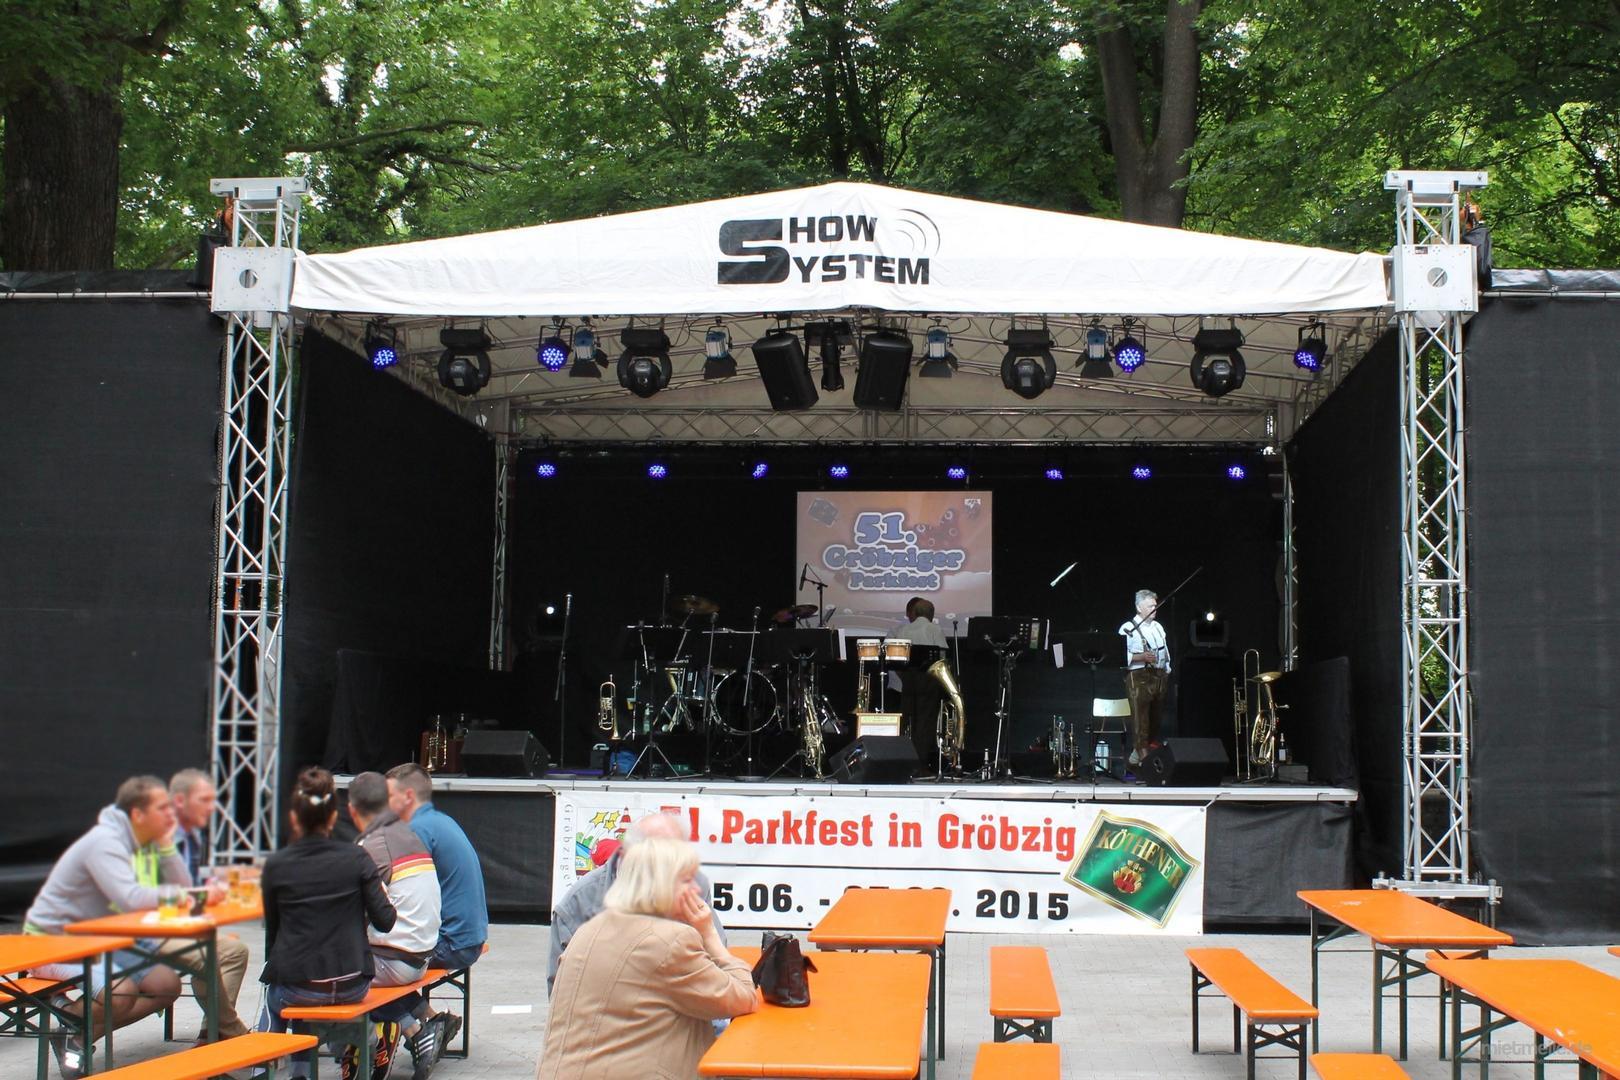 Bühne mieten & vermieten - Open-Air Bühne / Veranstaltungsbühne / Bühnendach in Gröningen